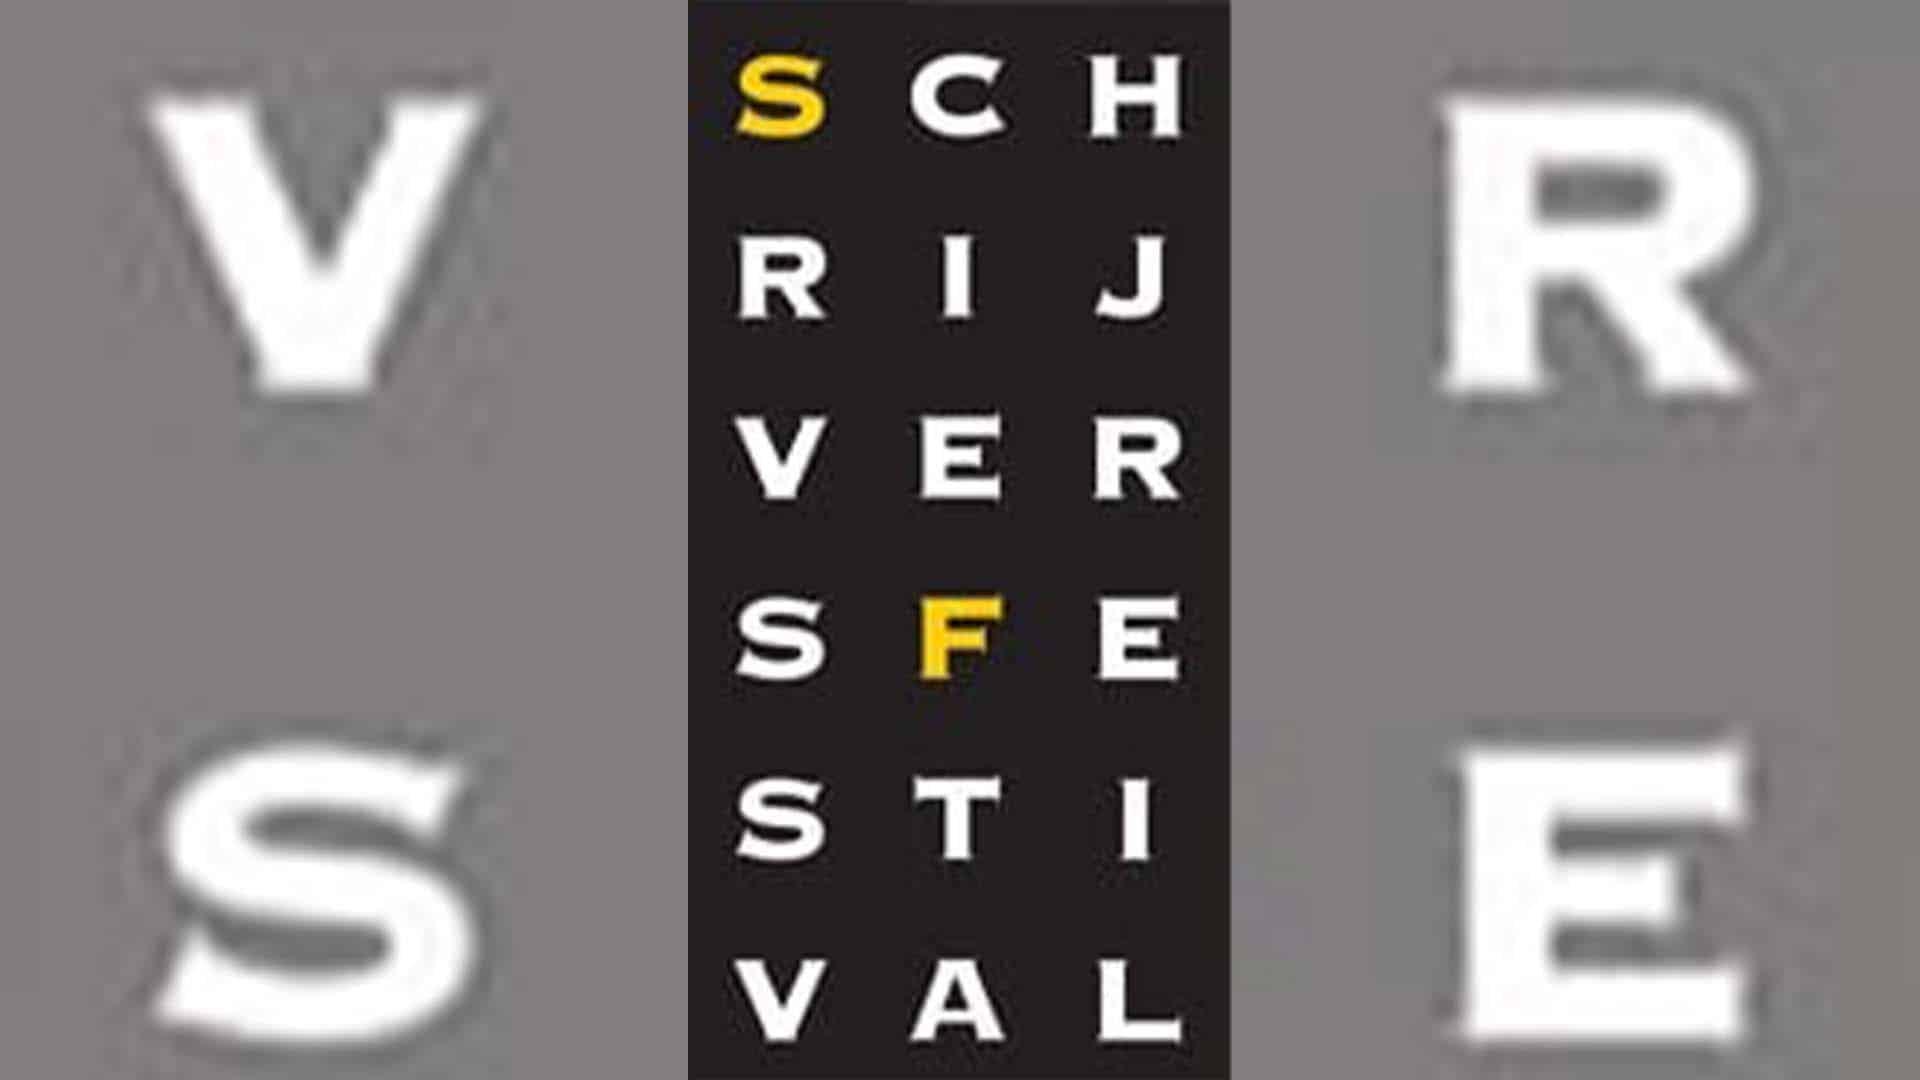 schrijversfestivalkopie